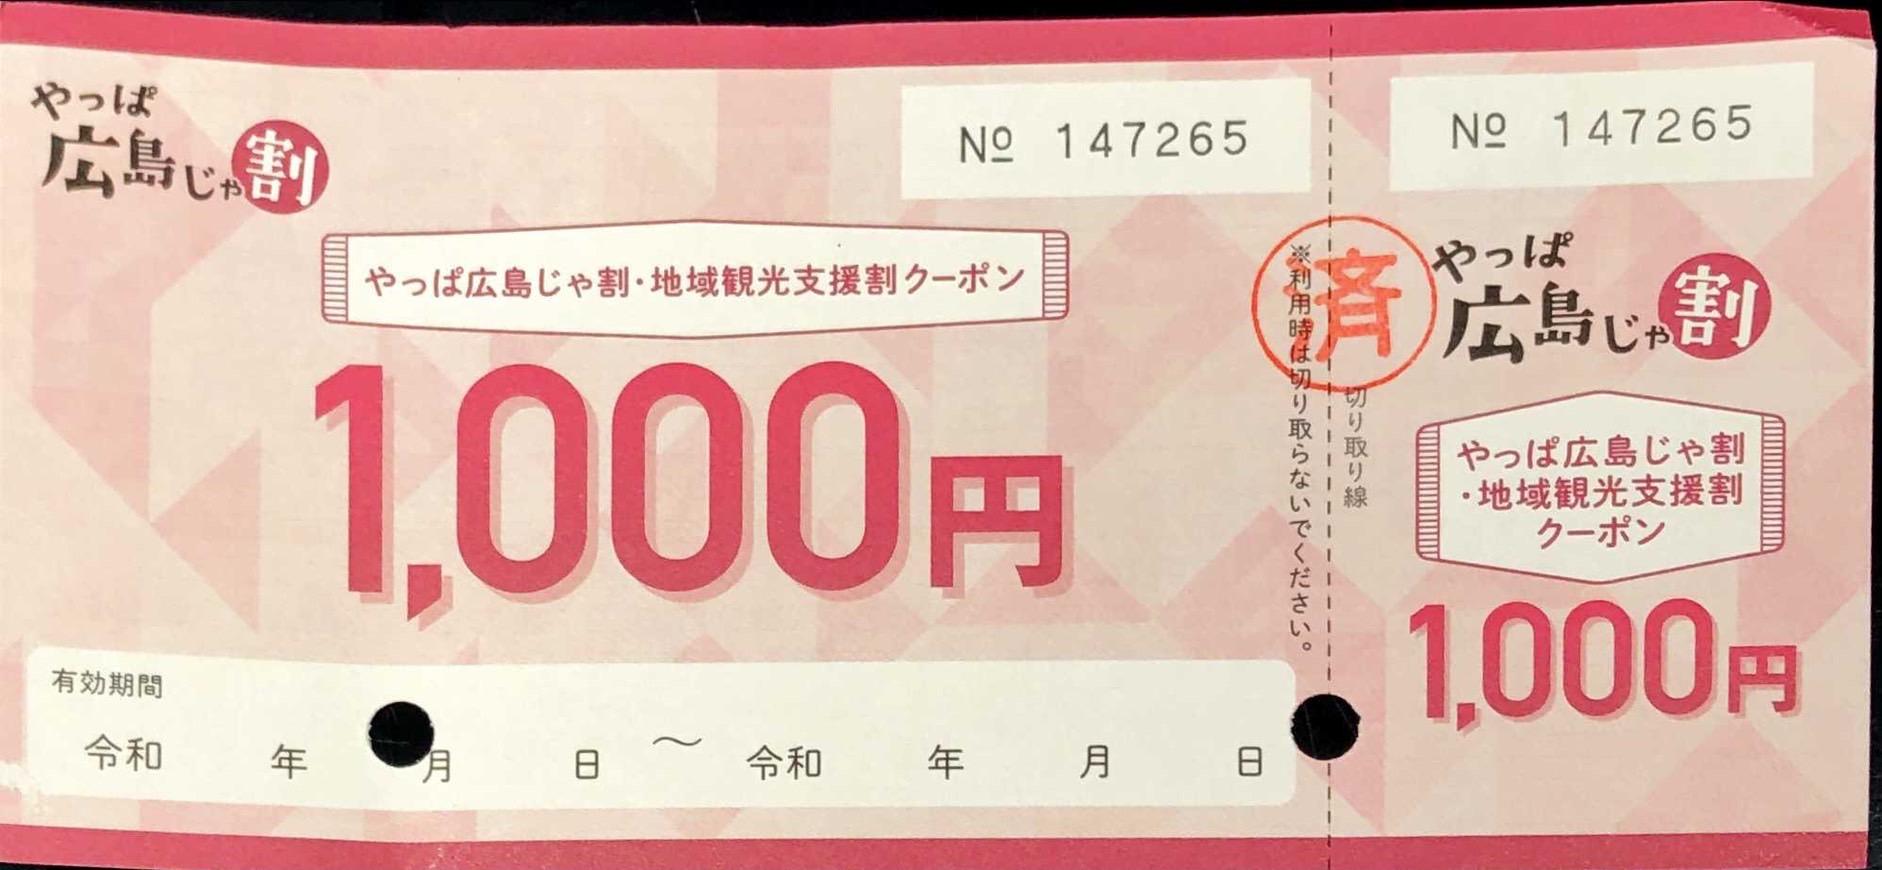 本日10月21日(木)より 広島駅ekie店でも やっぱ広島じゃ割地域観光支援割のクーポンを ご利用いただけます